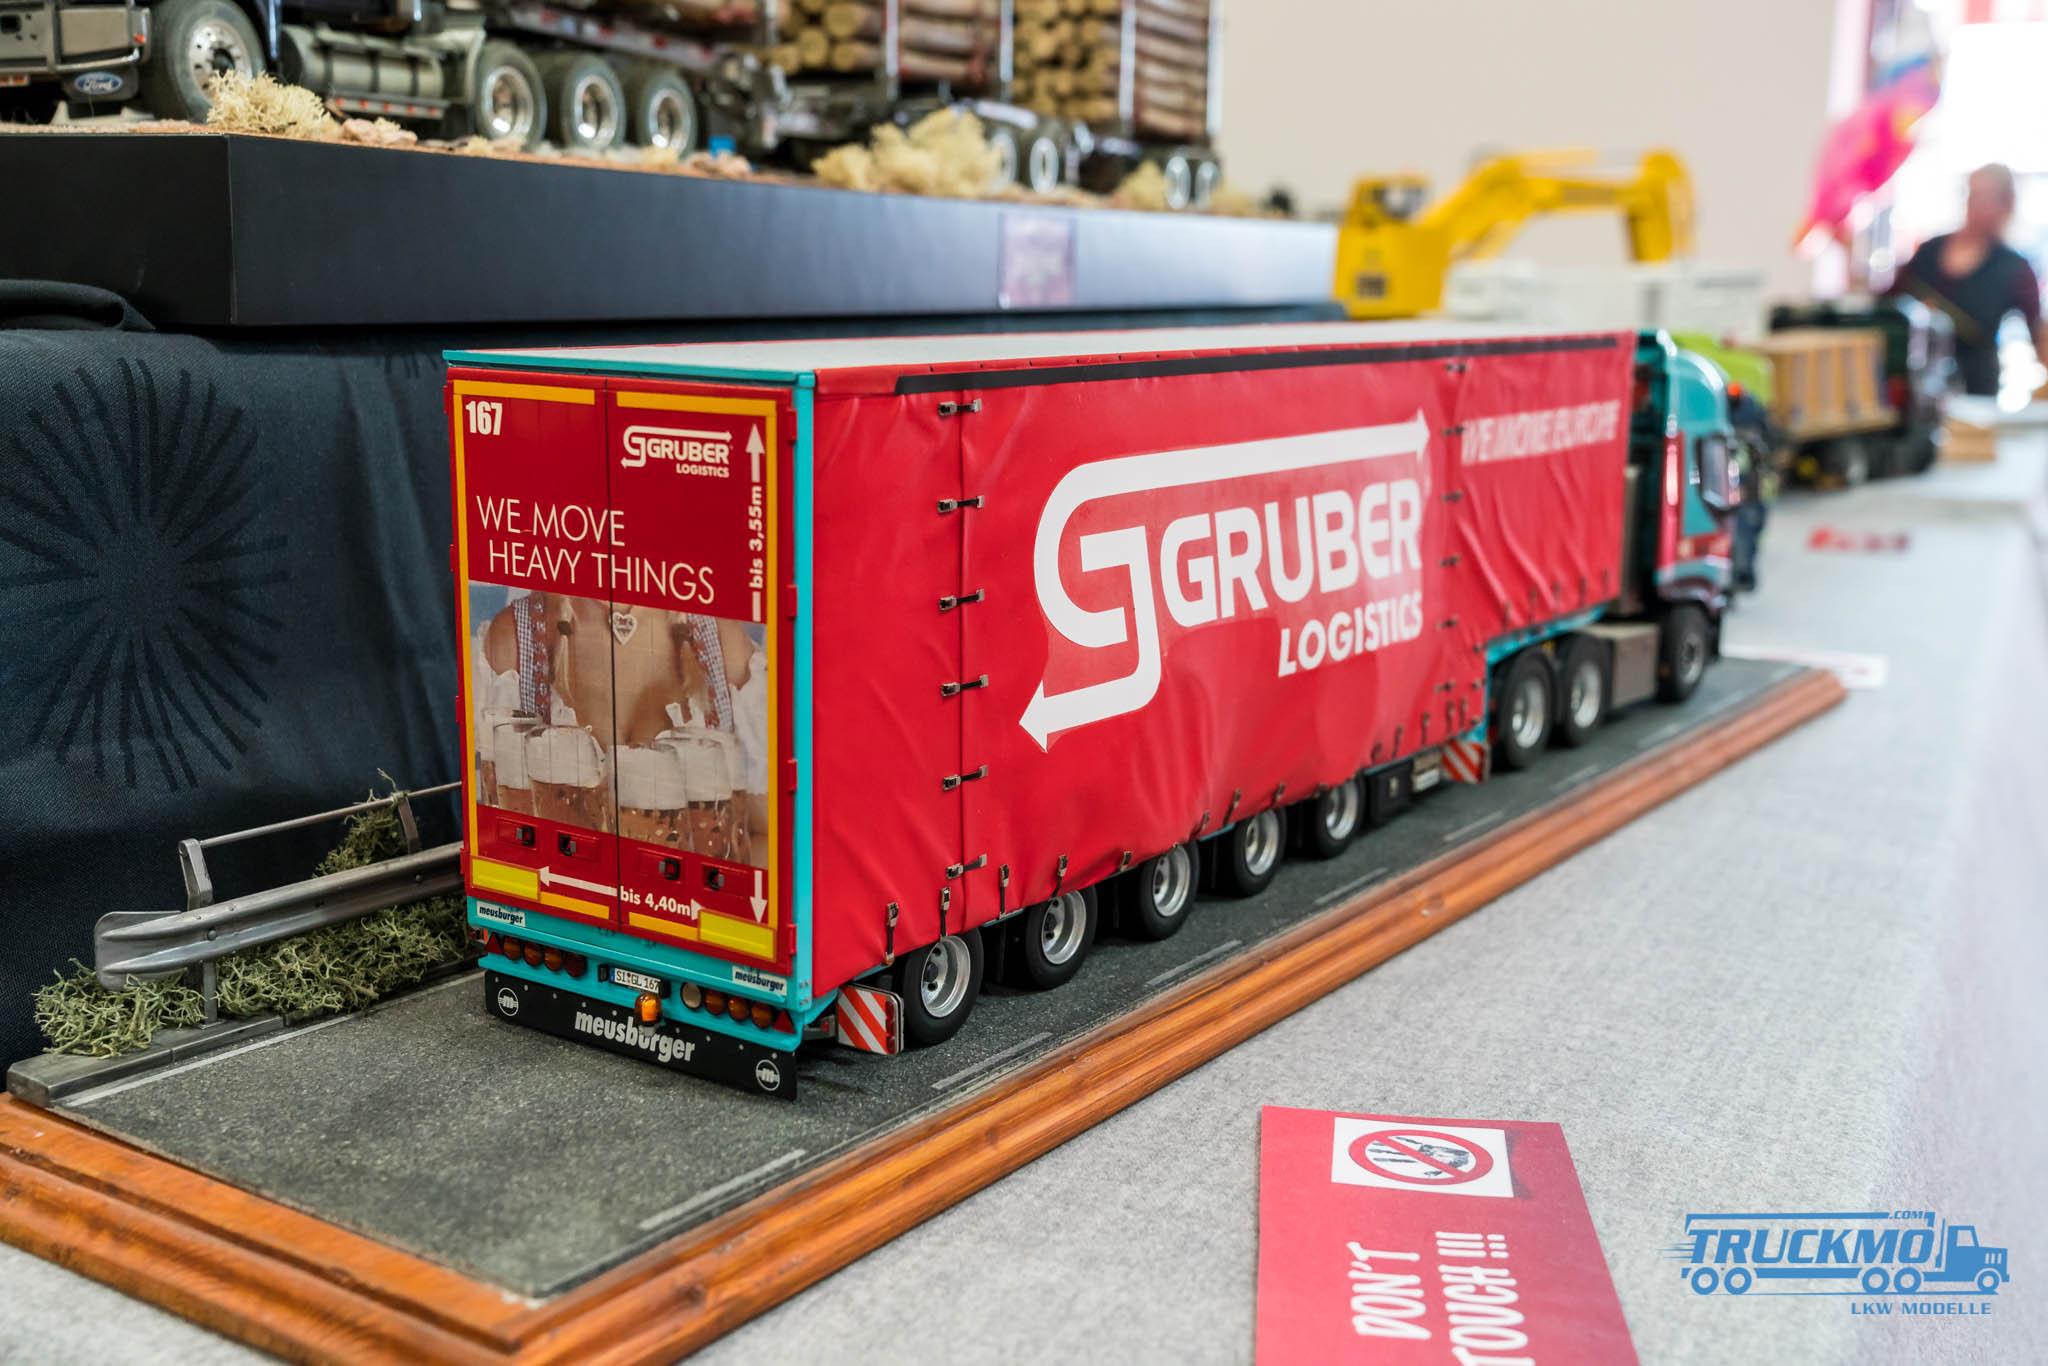 Truckmo_Modellbau_Ried_2017_Herpa_Messe_Modellbauausstellung (388 von 1177)